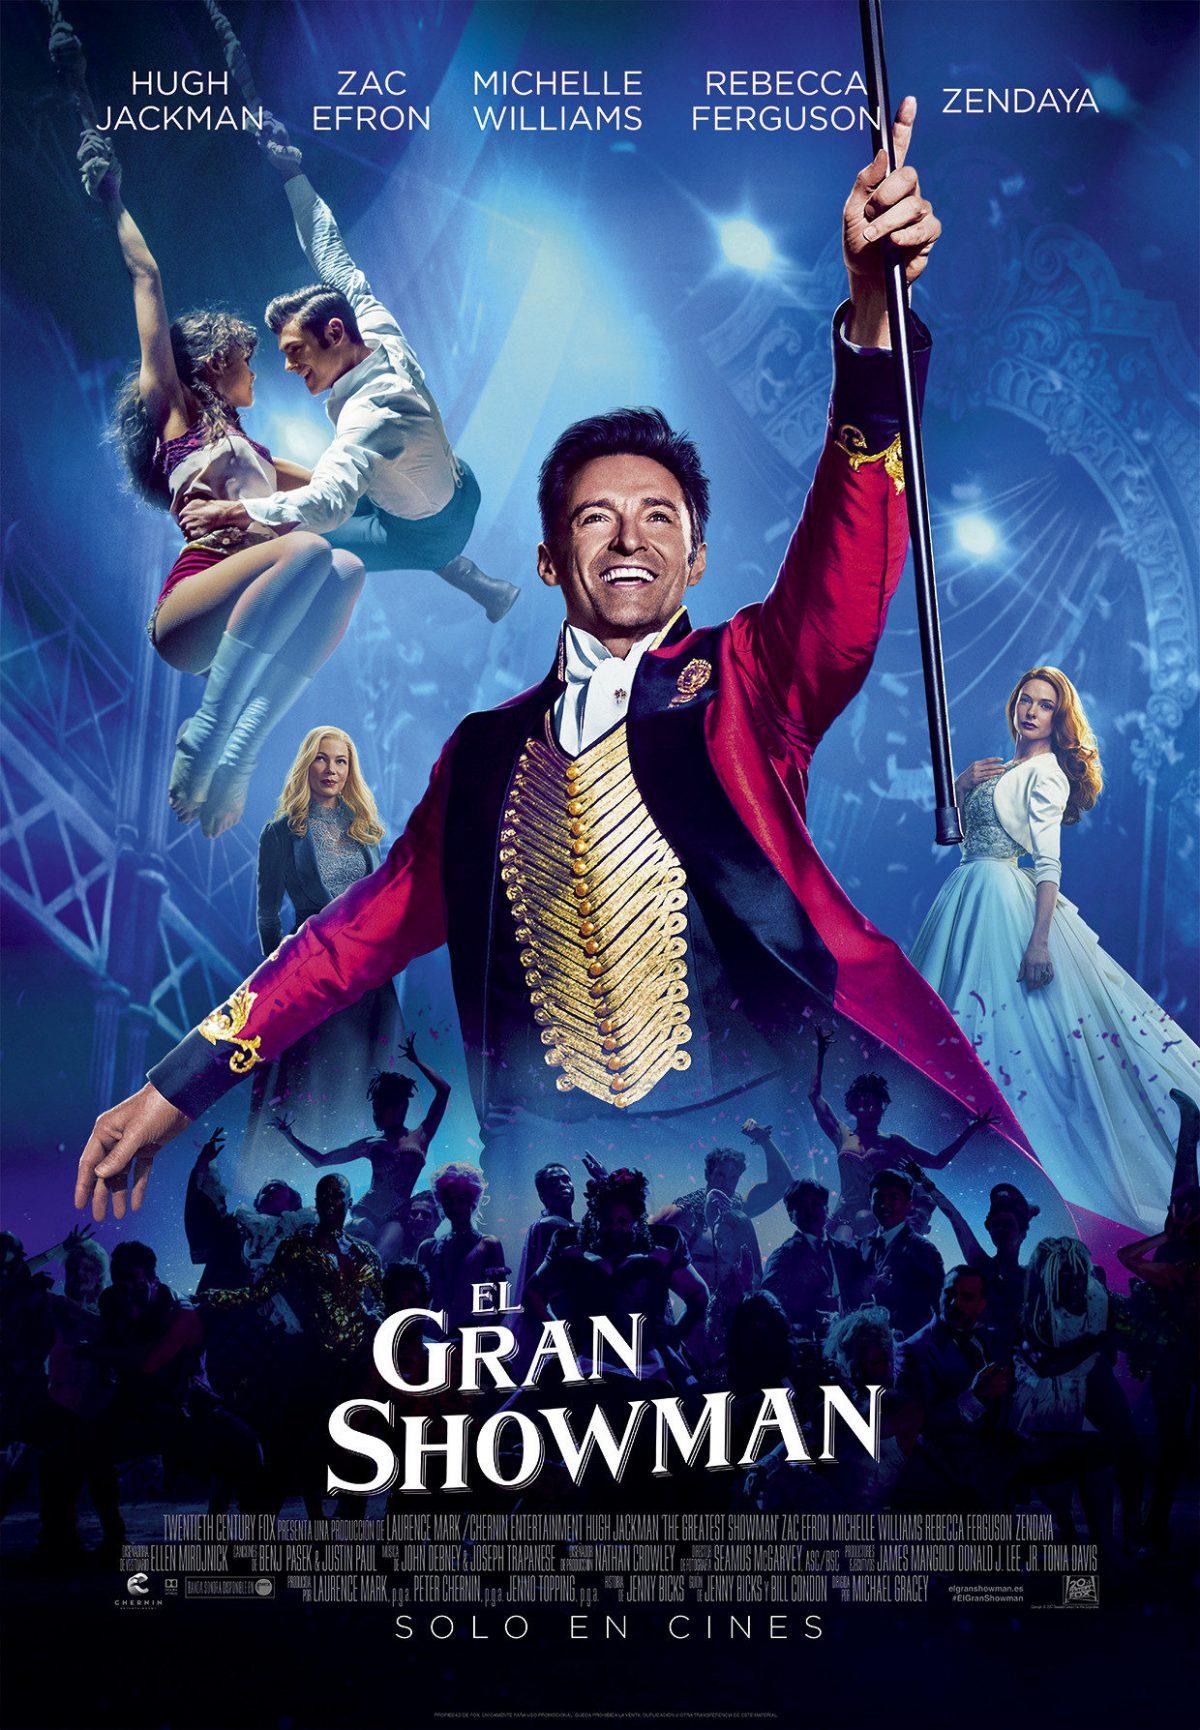 El Gran Showman en mula-teatro lope de vega